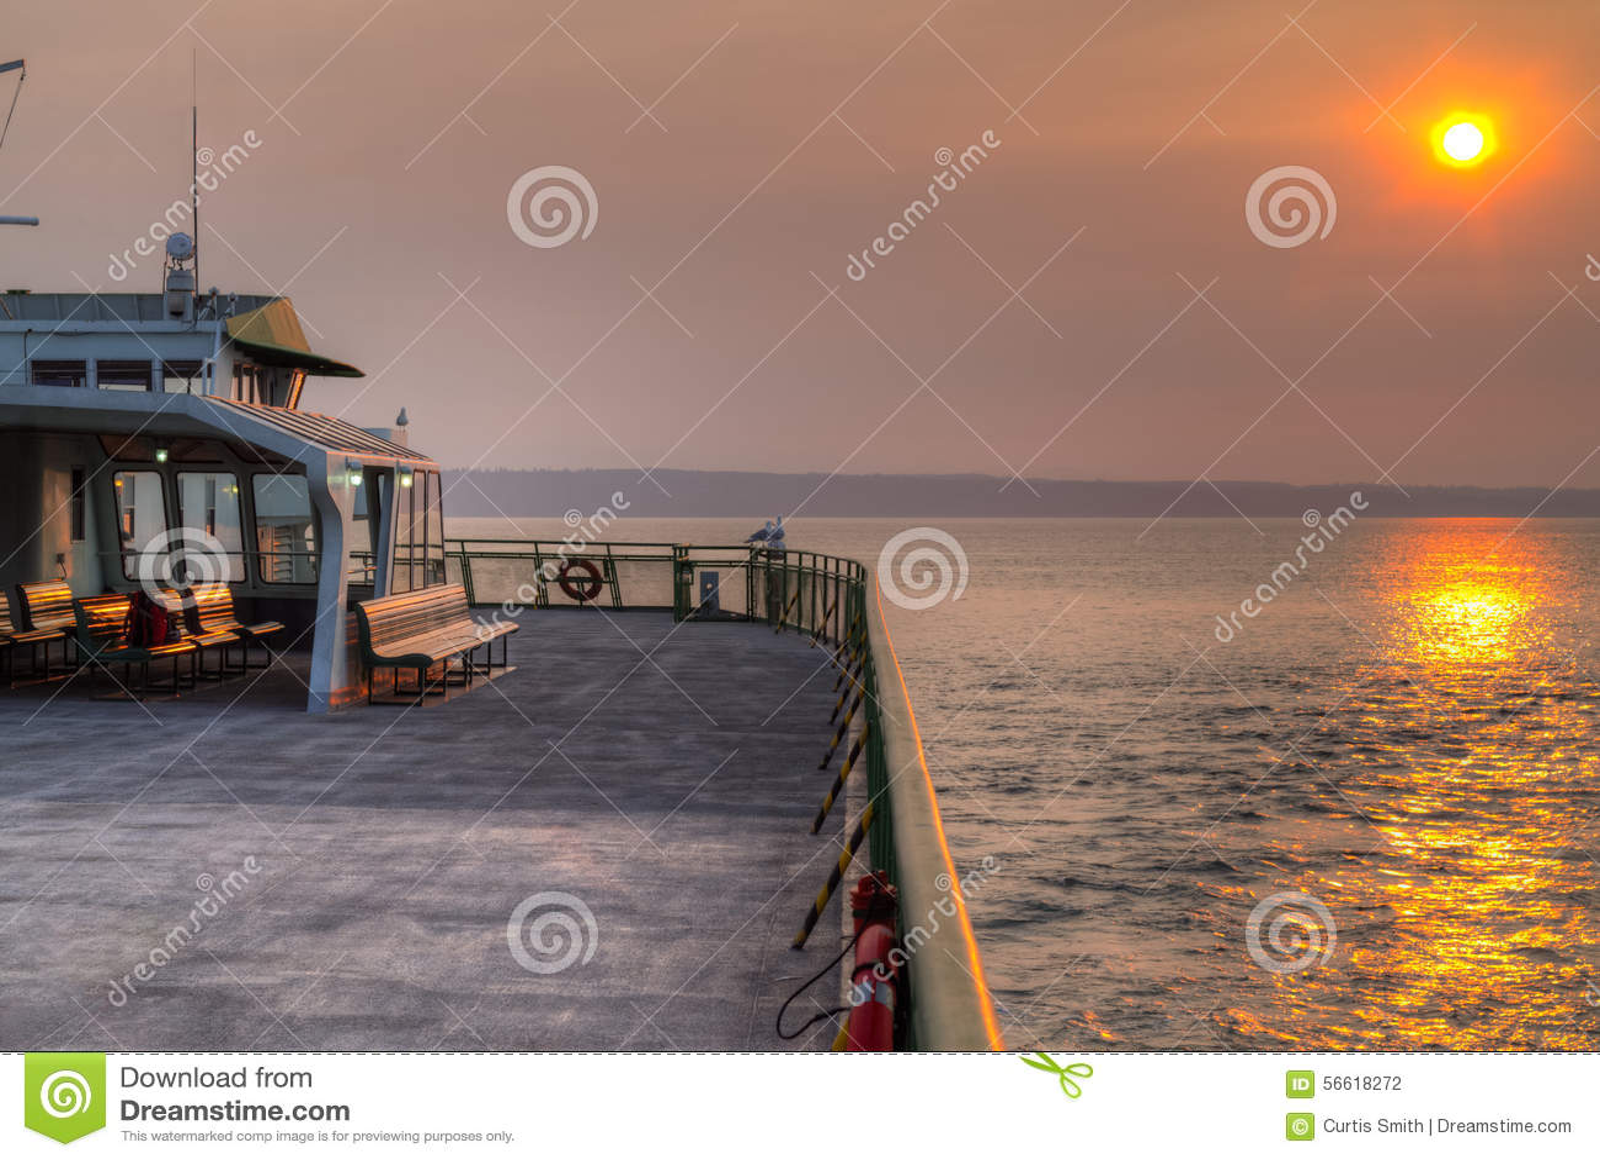 Cielo ahumado de la puesta del sol del estado de Washington del transbordador los E.E.U.U.